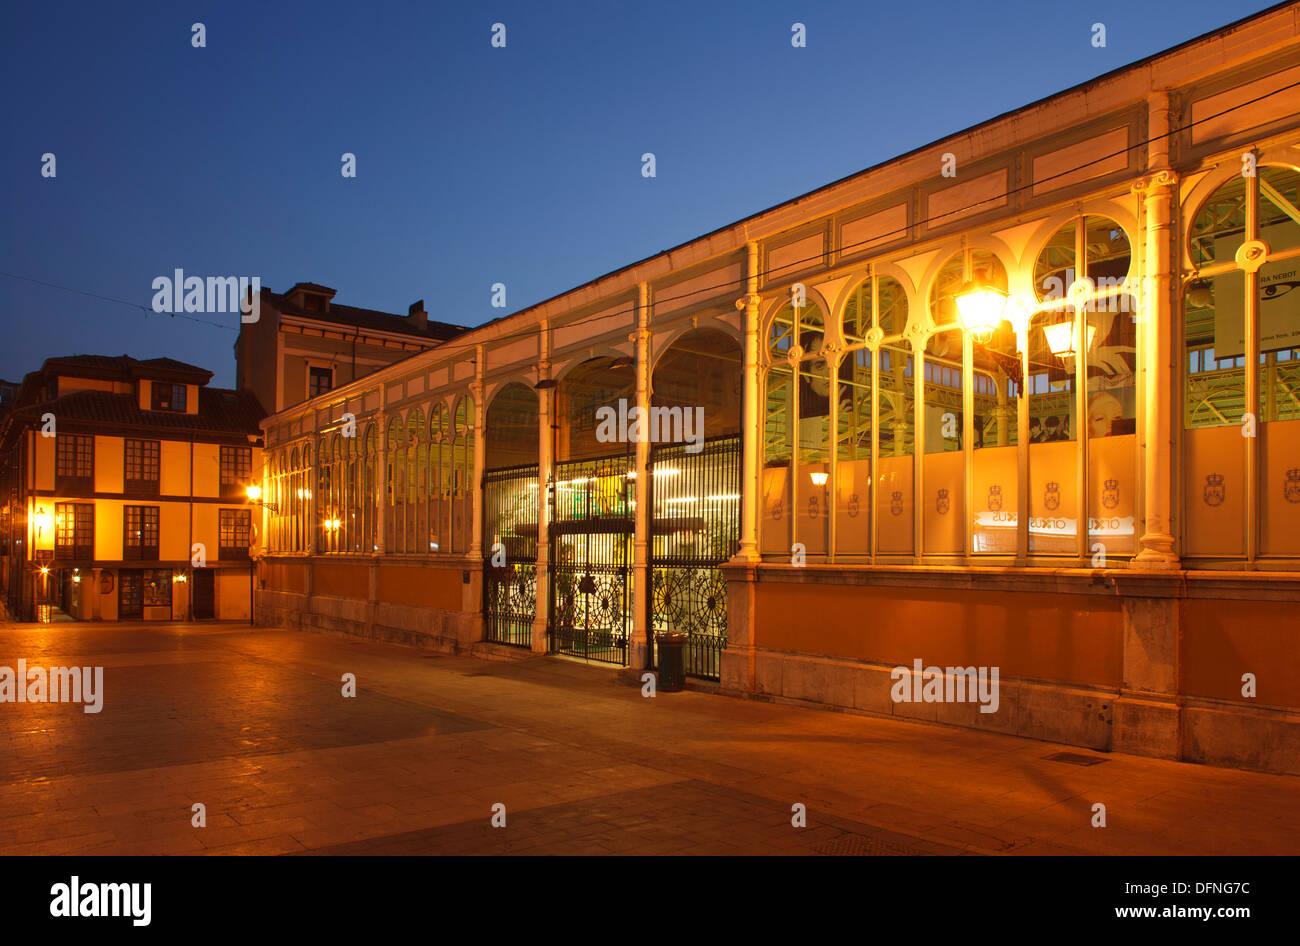 Market hall, Plaza de la Constitucion, Oviedo, Camino Primitivo, Camino de Santiago, Way of St. James, pilgrims way, province of - Stock Image